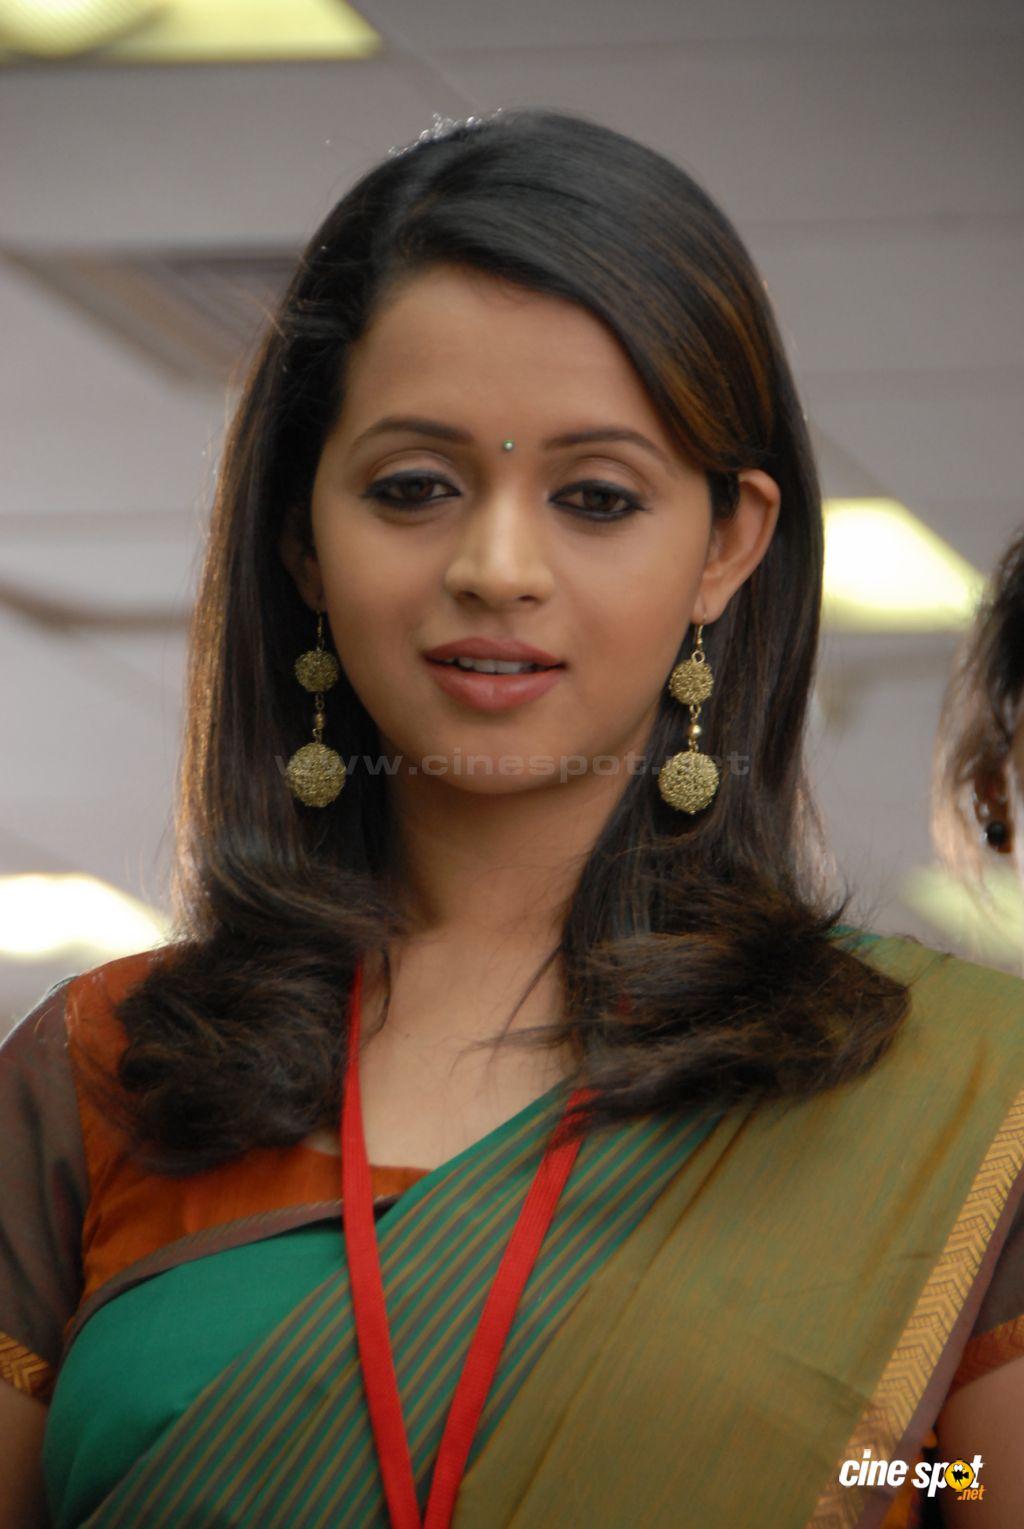 Tamil Thevidiya Aunty Kamakathaikal (என் சின்ன வீடு சித்ரா)